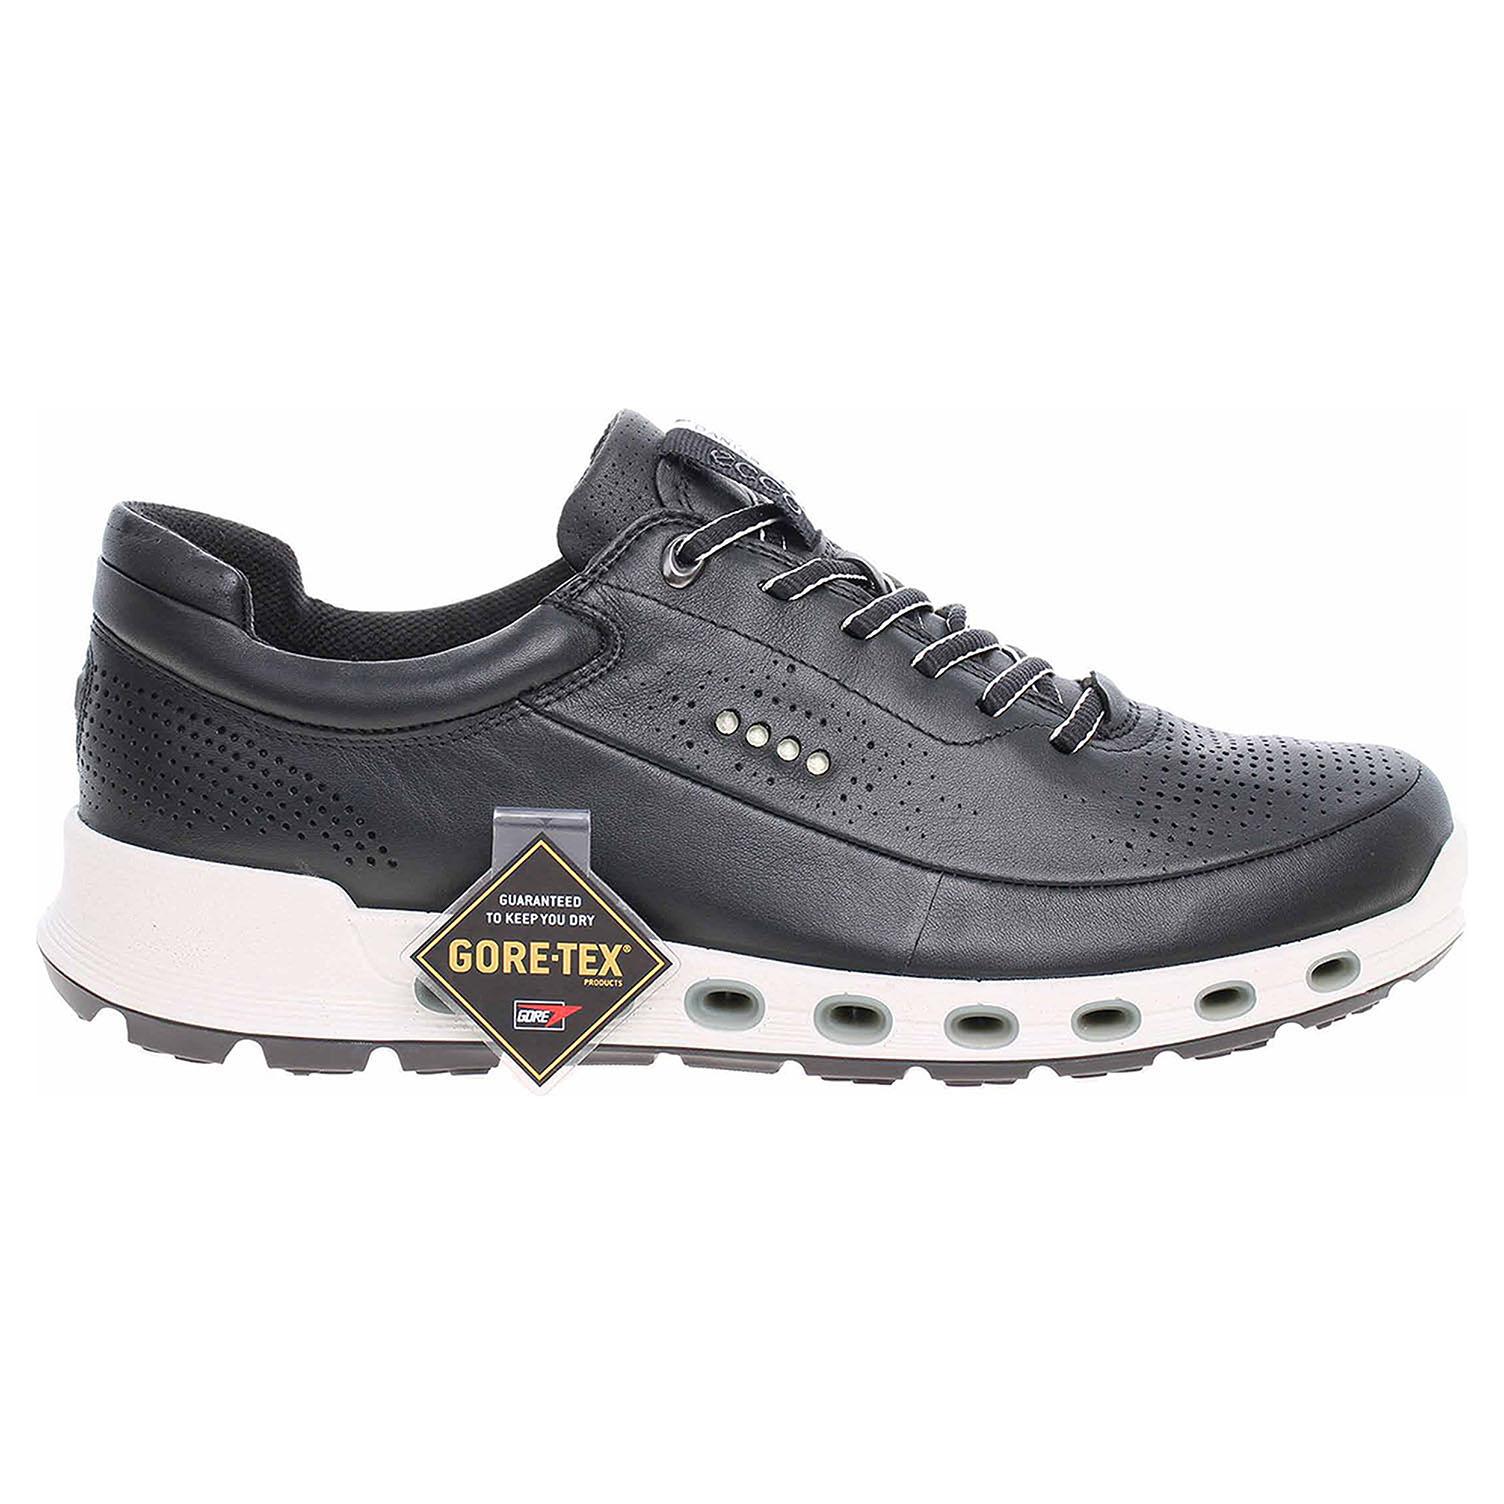 Ecco Ecco Cool 2.0 pánská obuv 84251401001 černá 24000408